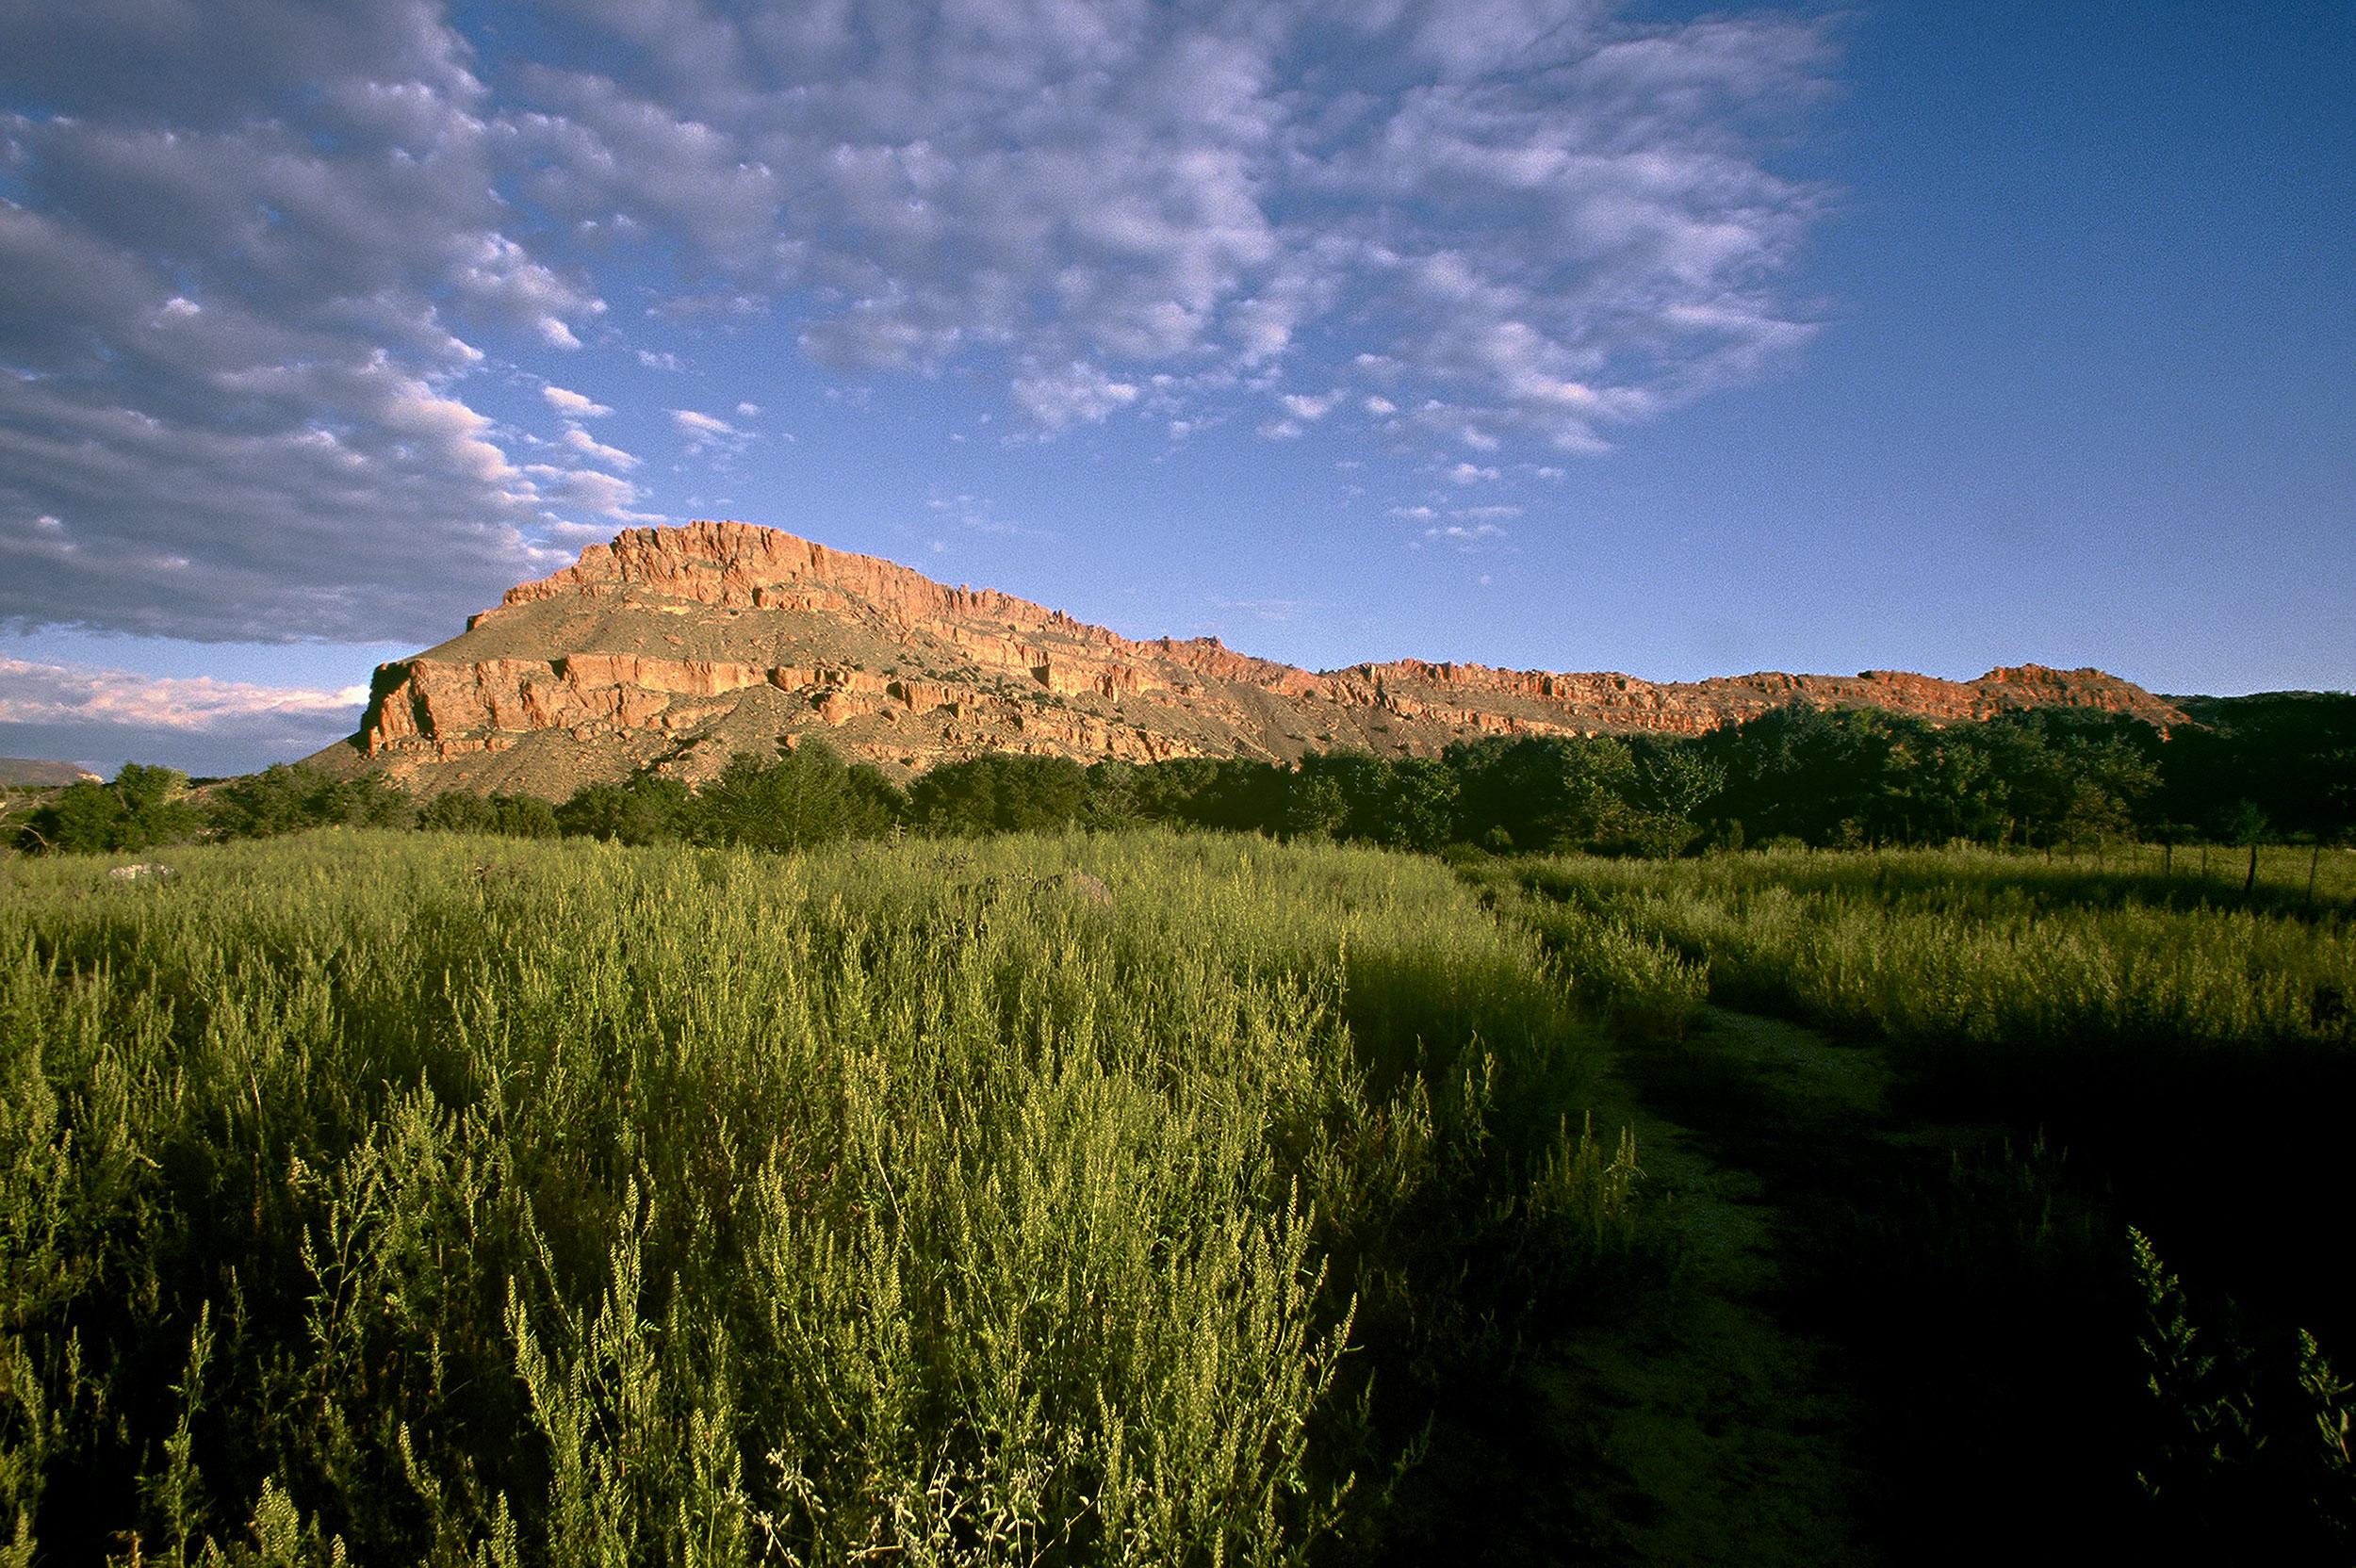 Red Mt, near Abiquiu, NM